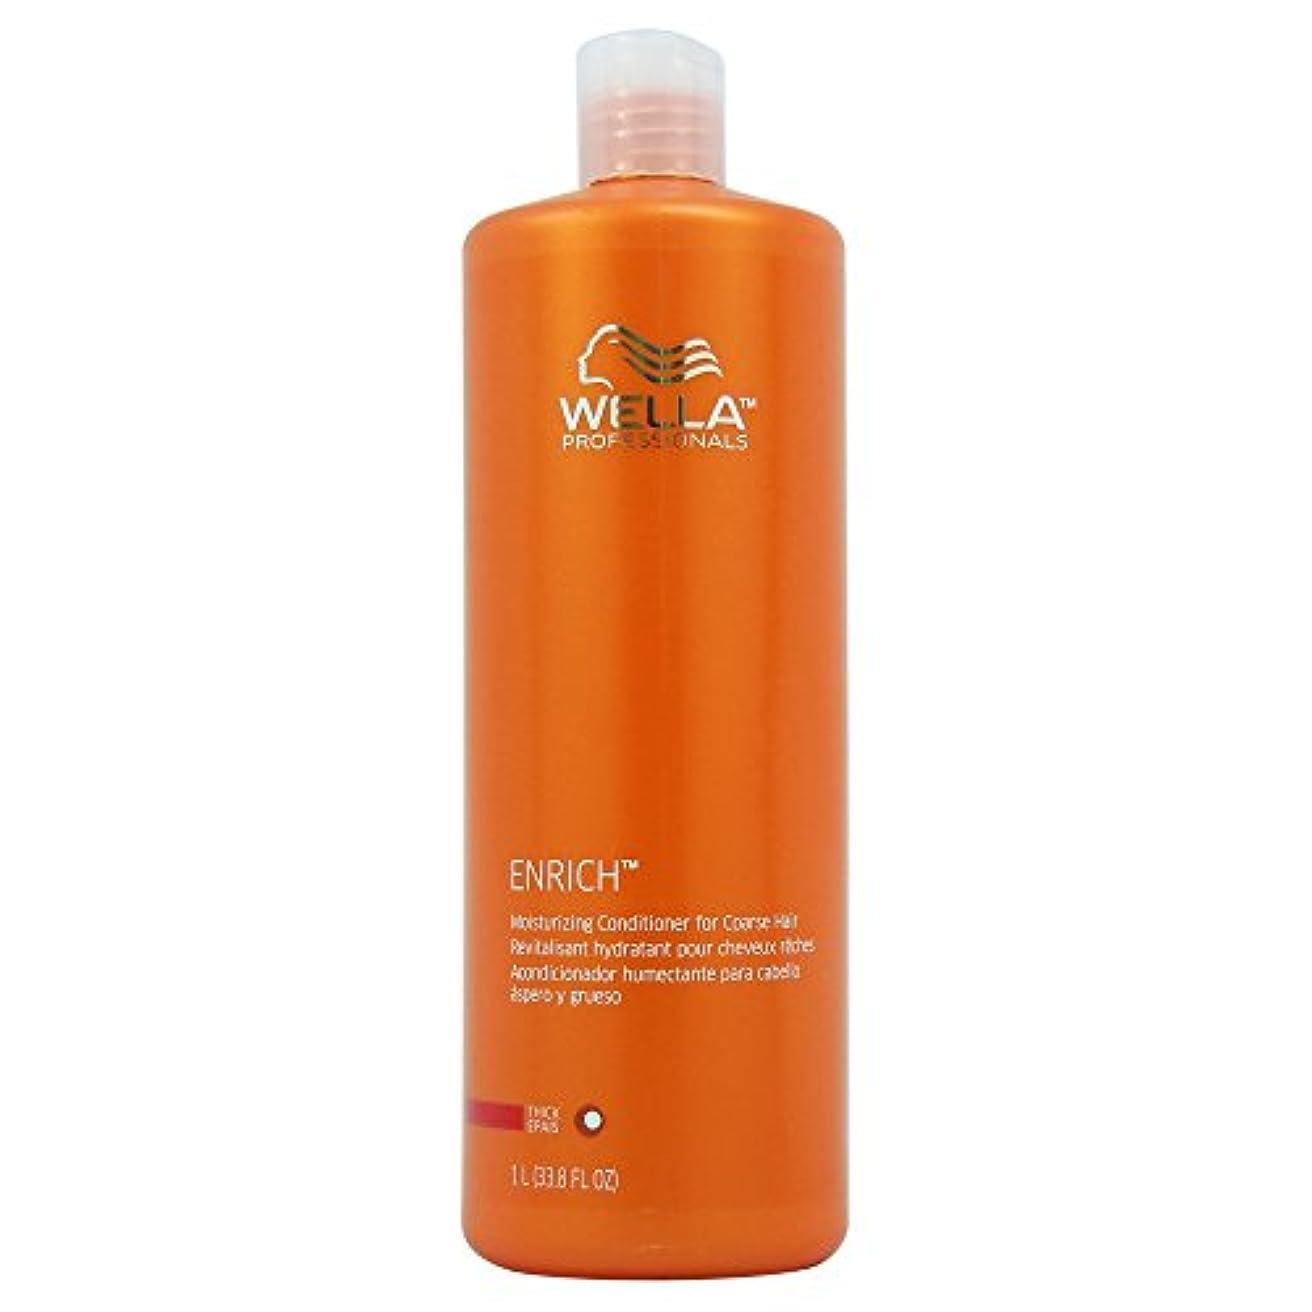 発音ルーチンフェッチWella Enriched Moisturizing Conditioner for Coarse Hair for Unisex, 33.8 Ounce by Wella